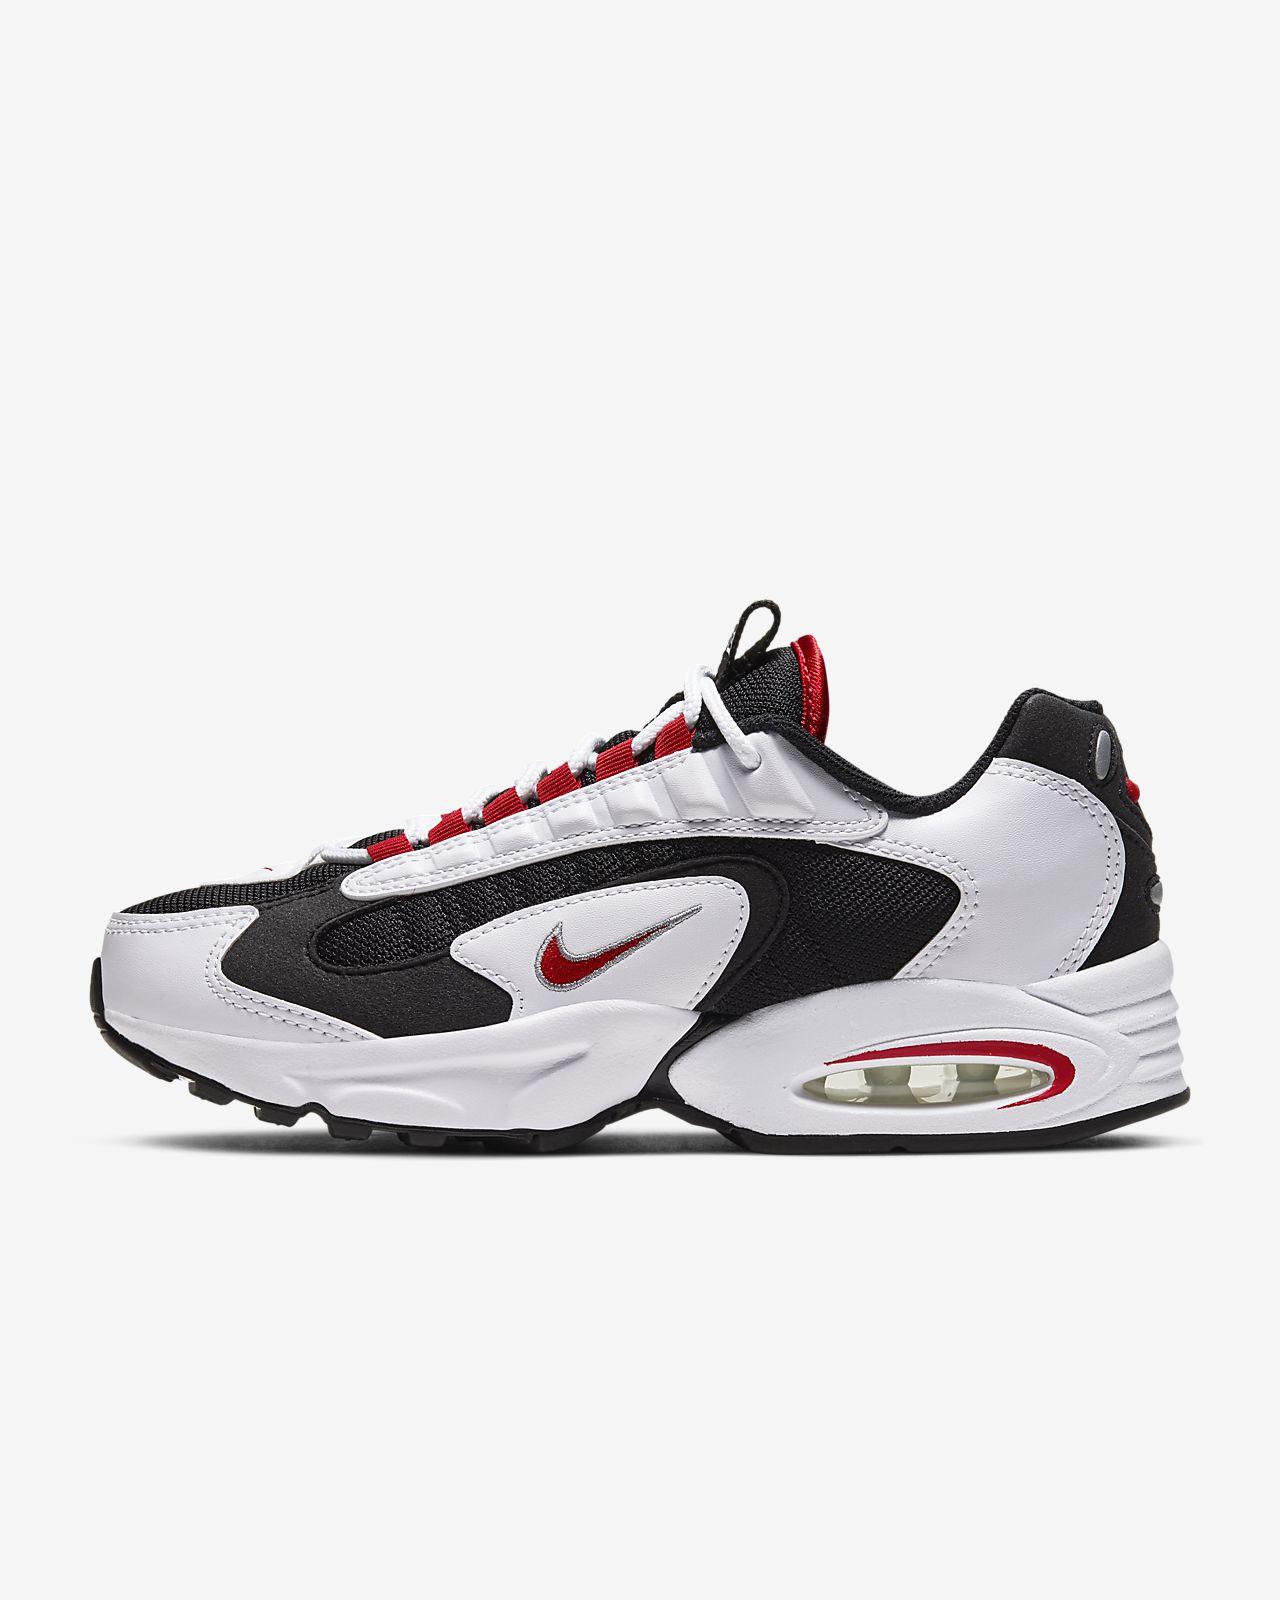 Sapatilhas Nike Air Max Triax 96 para mulher